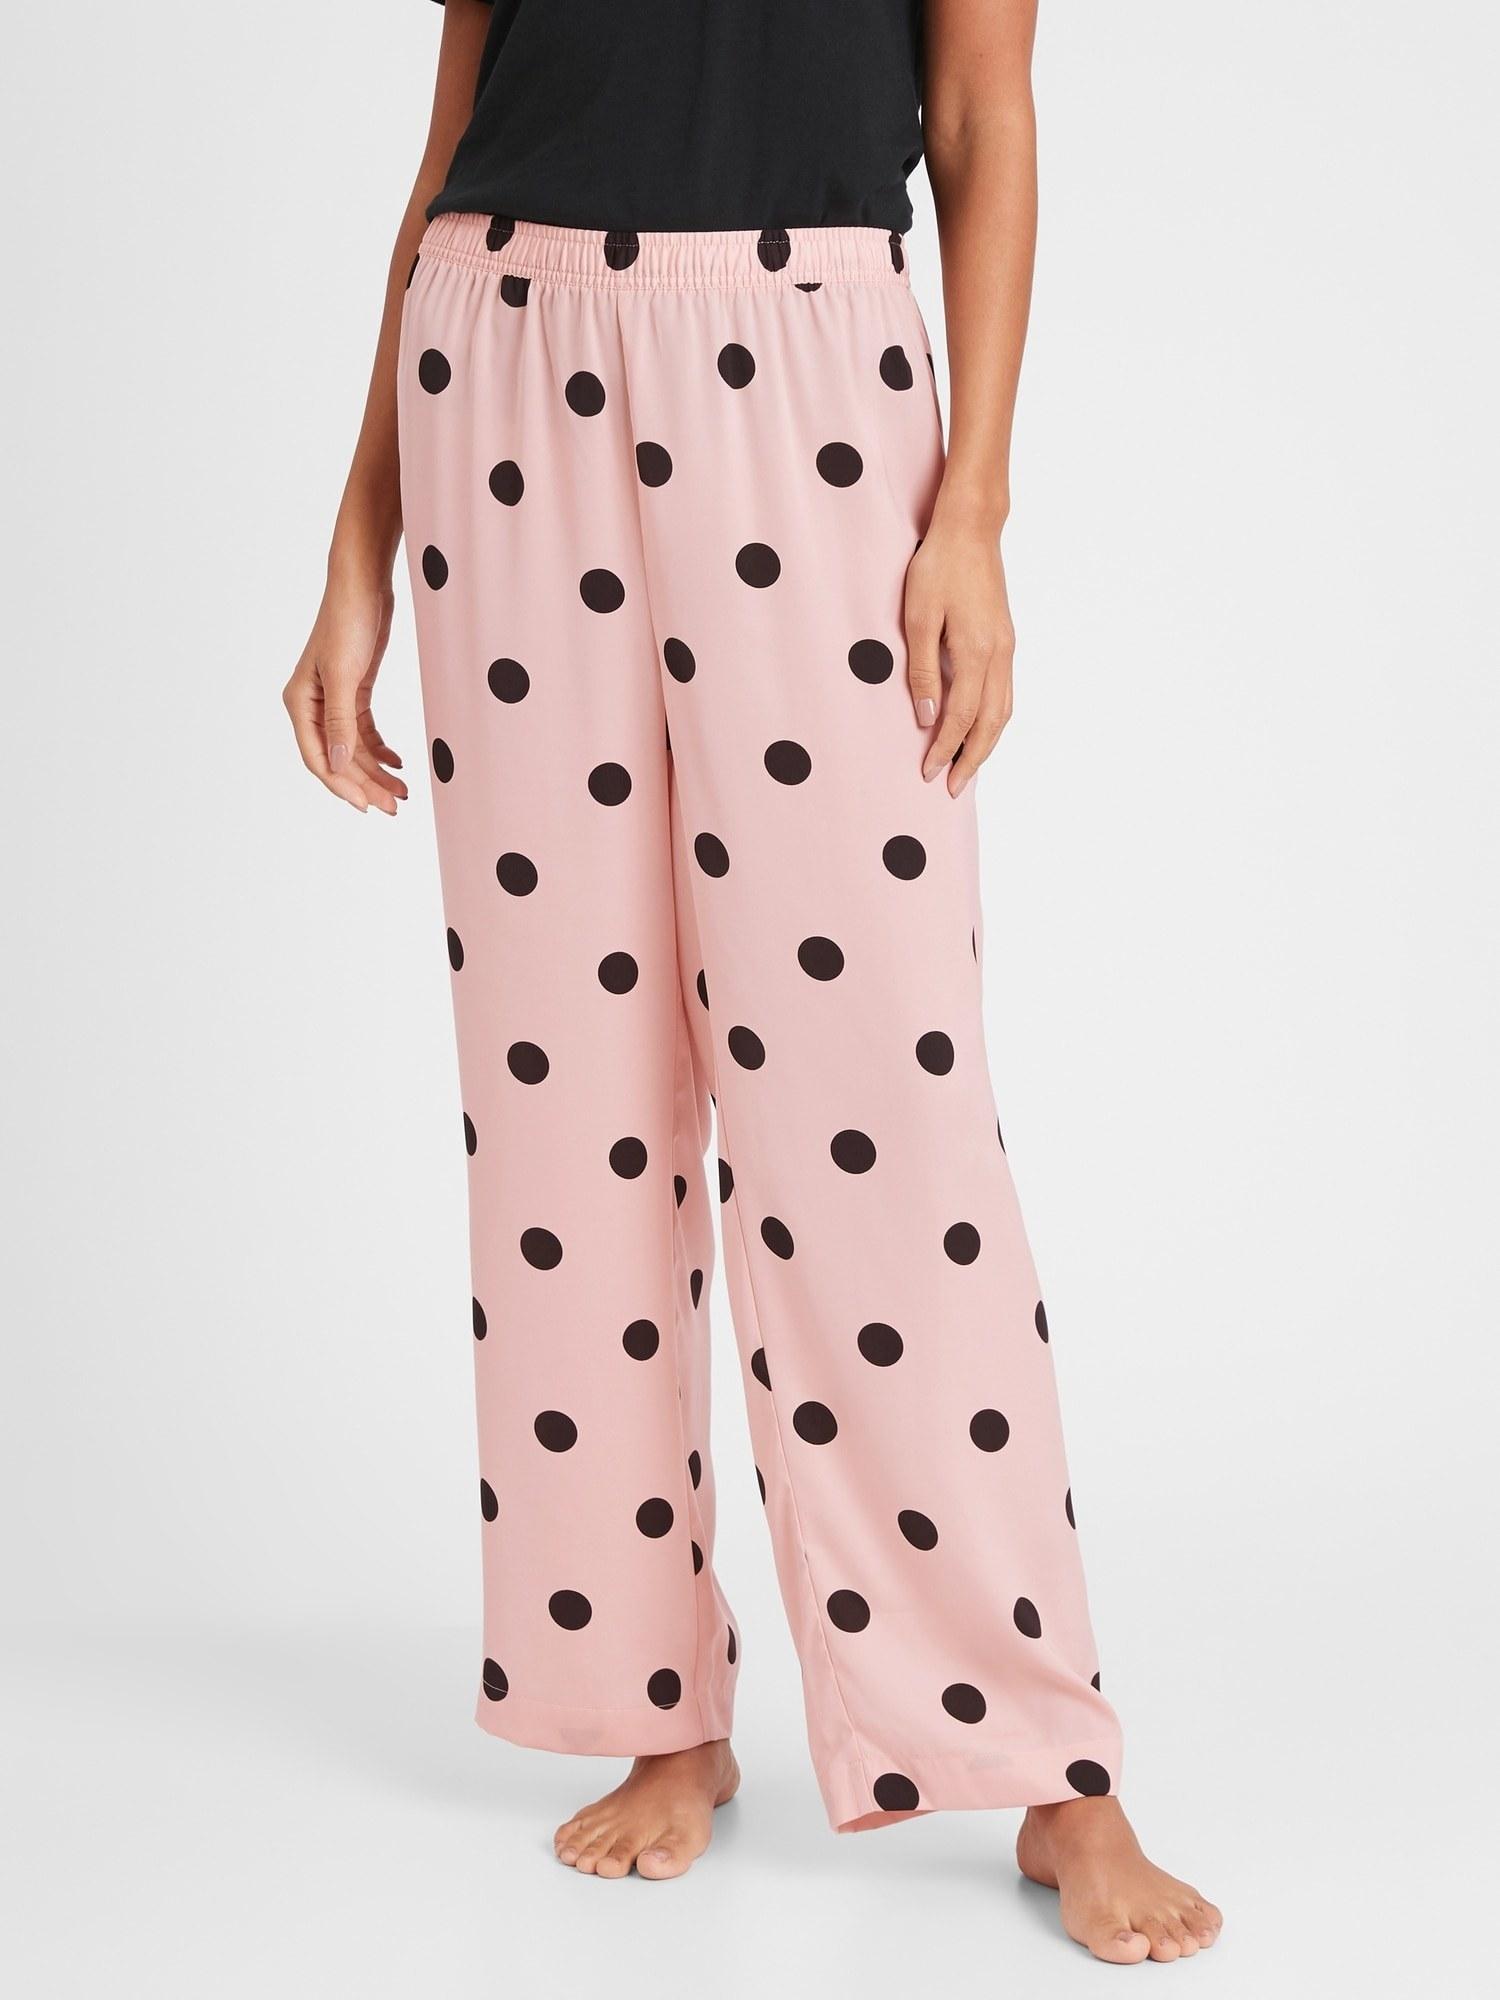 model wearing polka dot pajama pants in pink